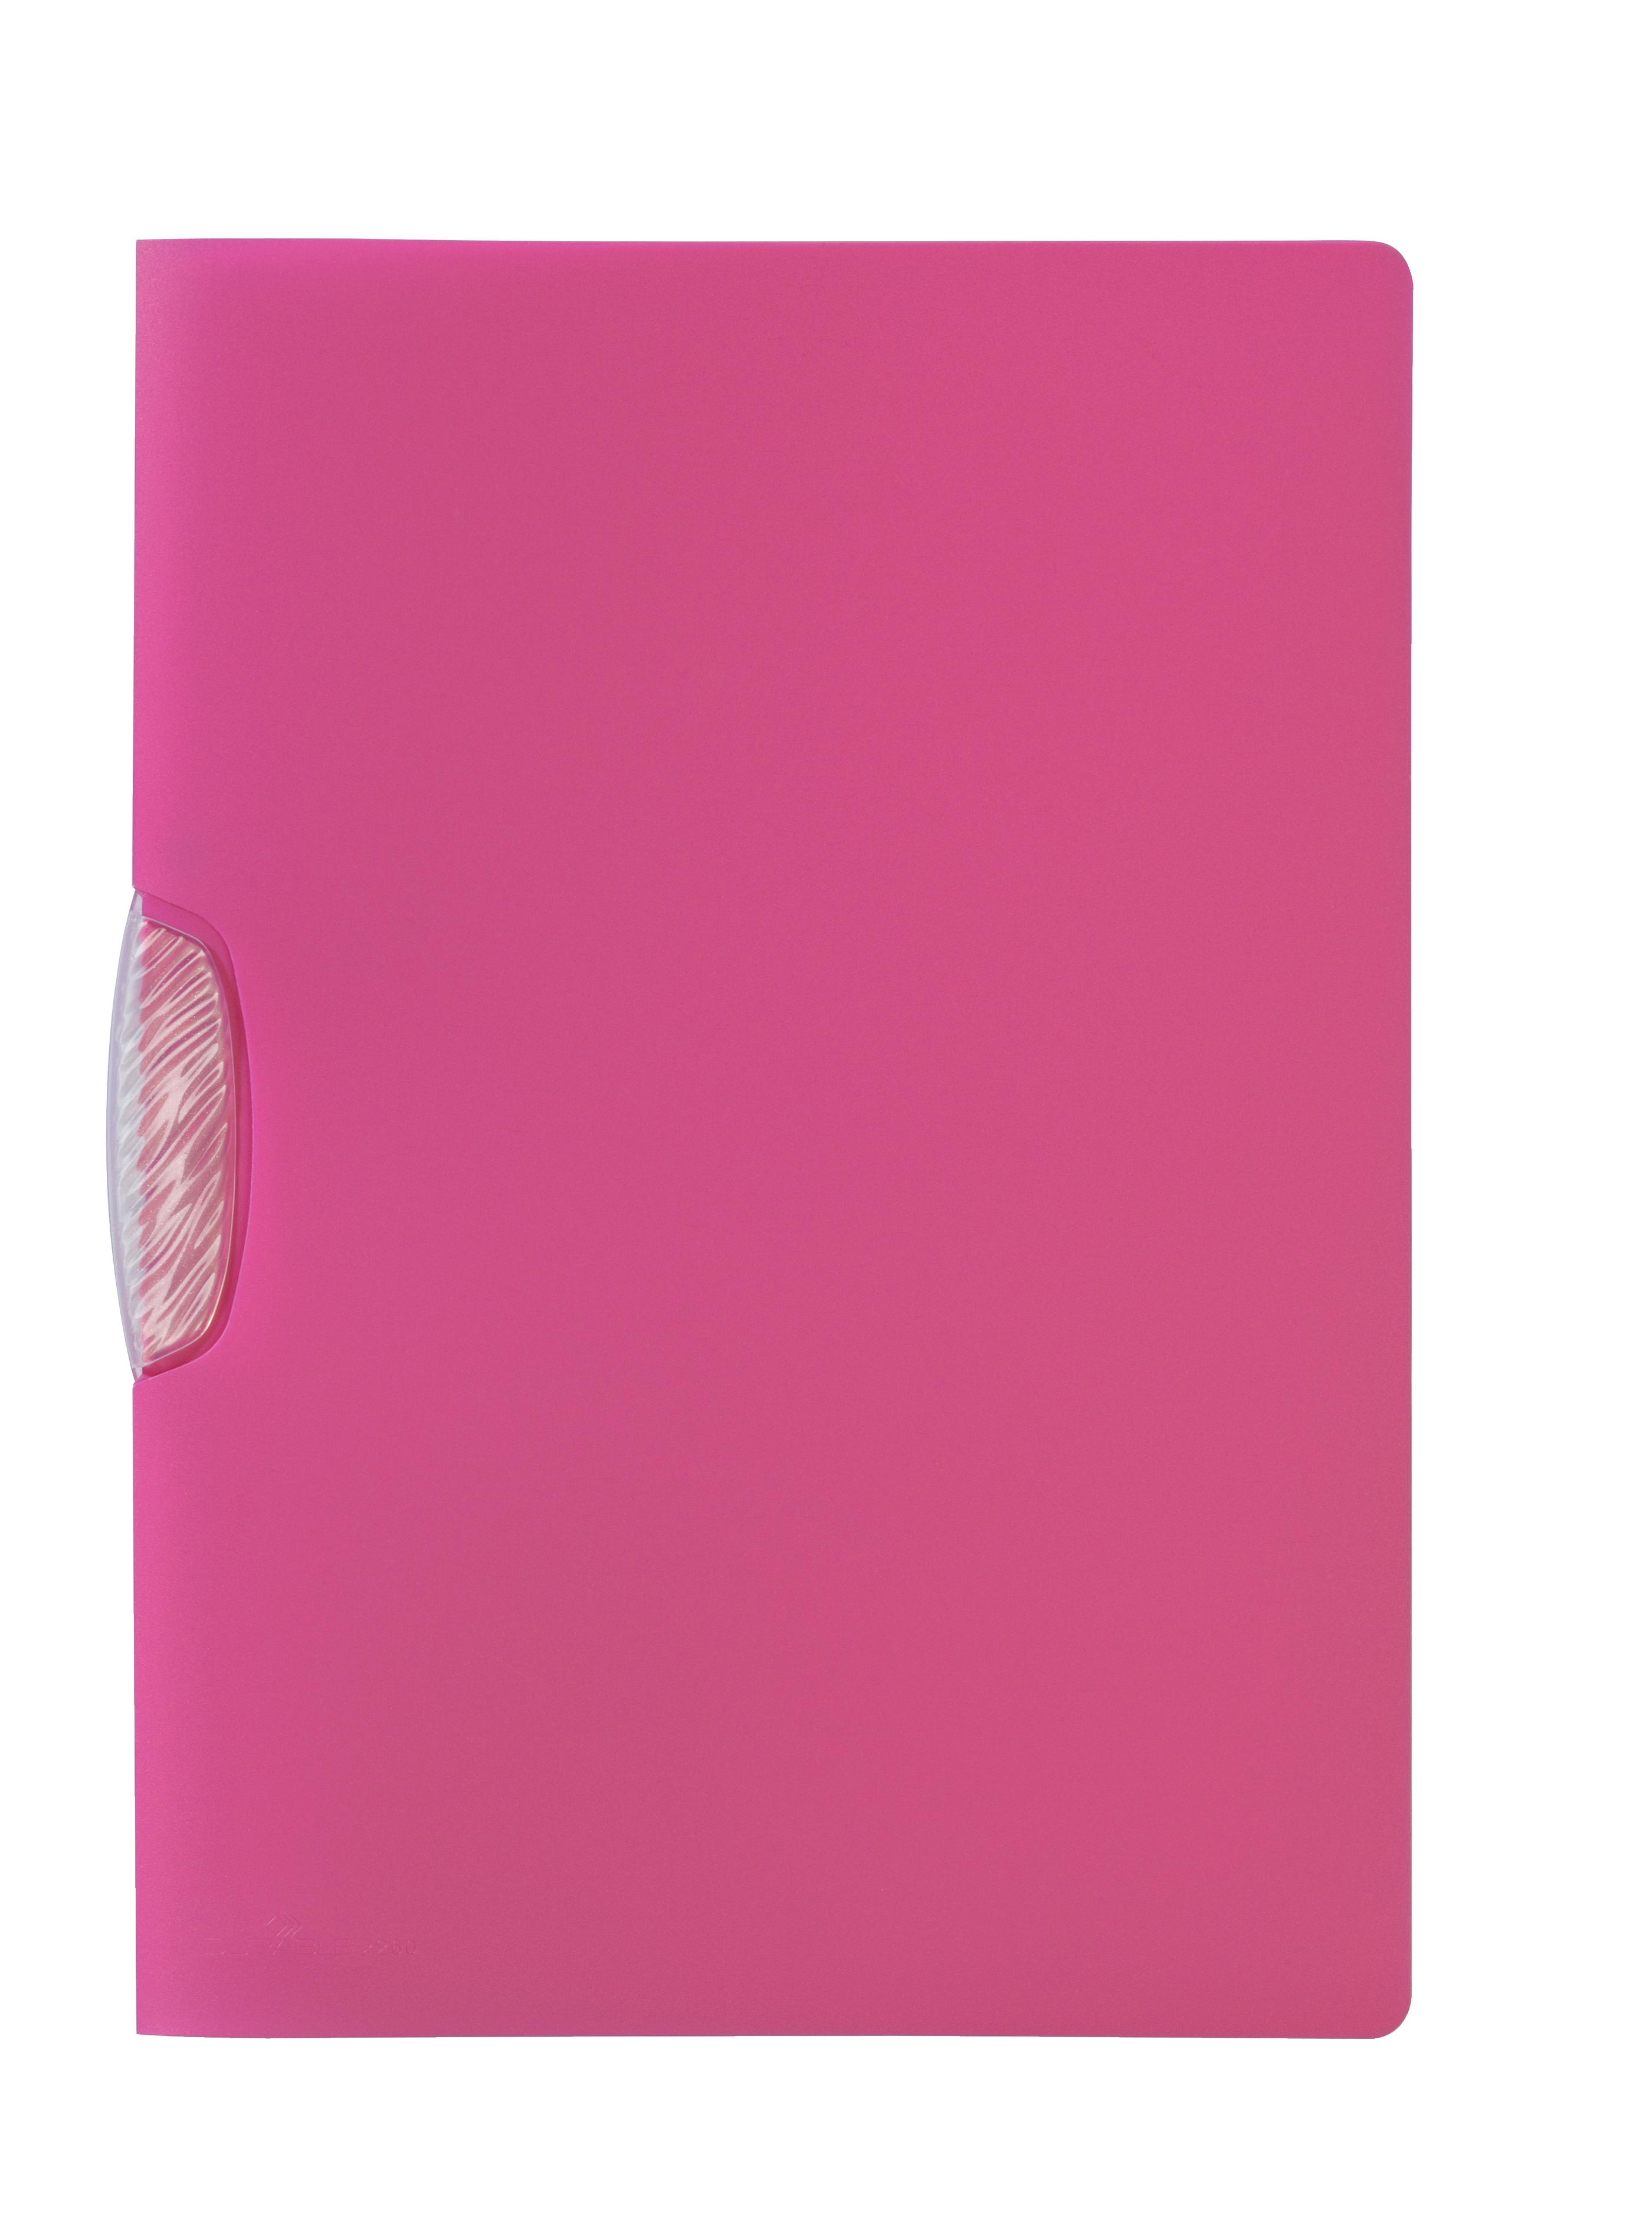 SWINGCLIP Trend Folder - Pink